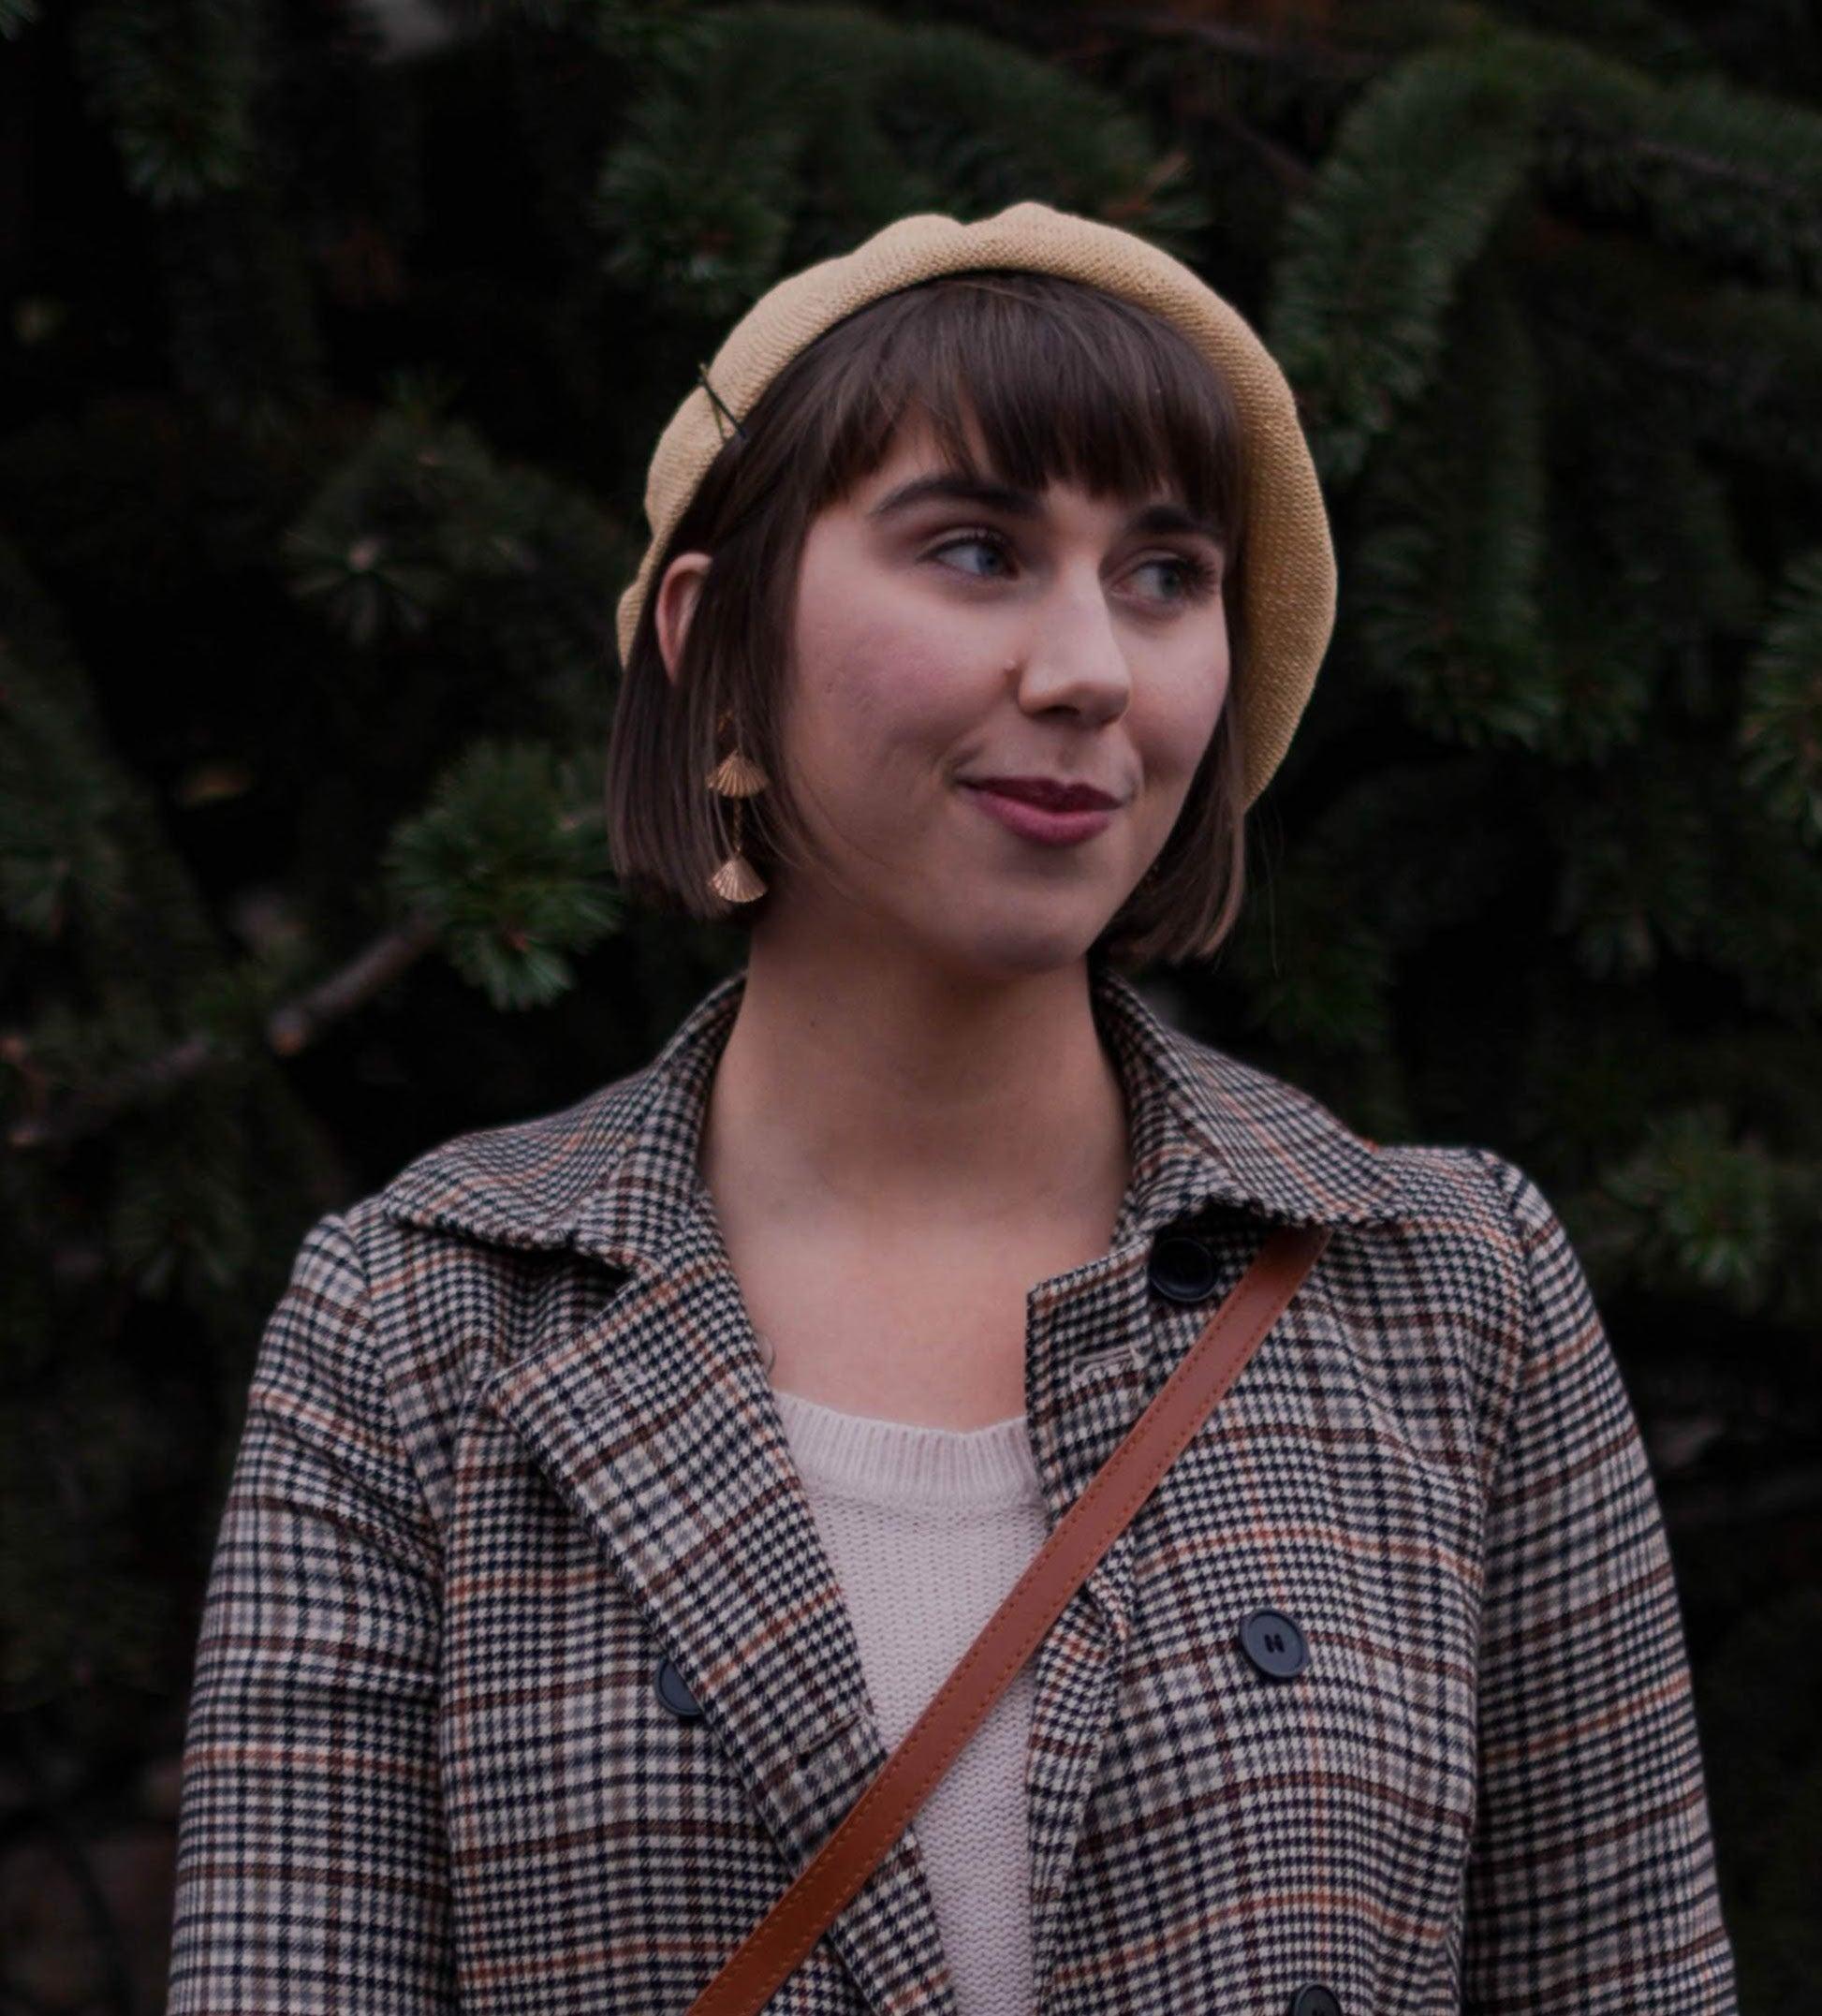 Savannah Willits